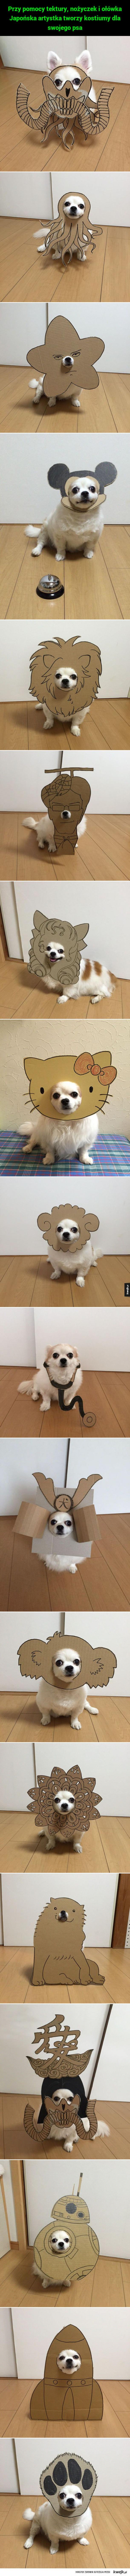 Oryginalne kostiumy dla psa